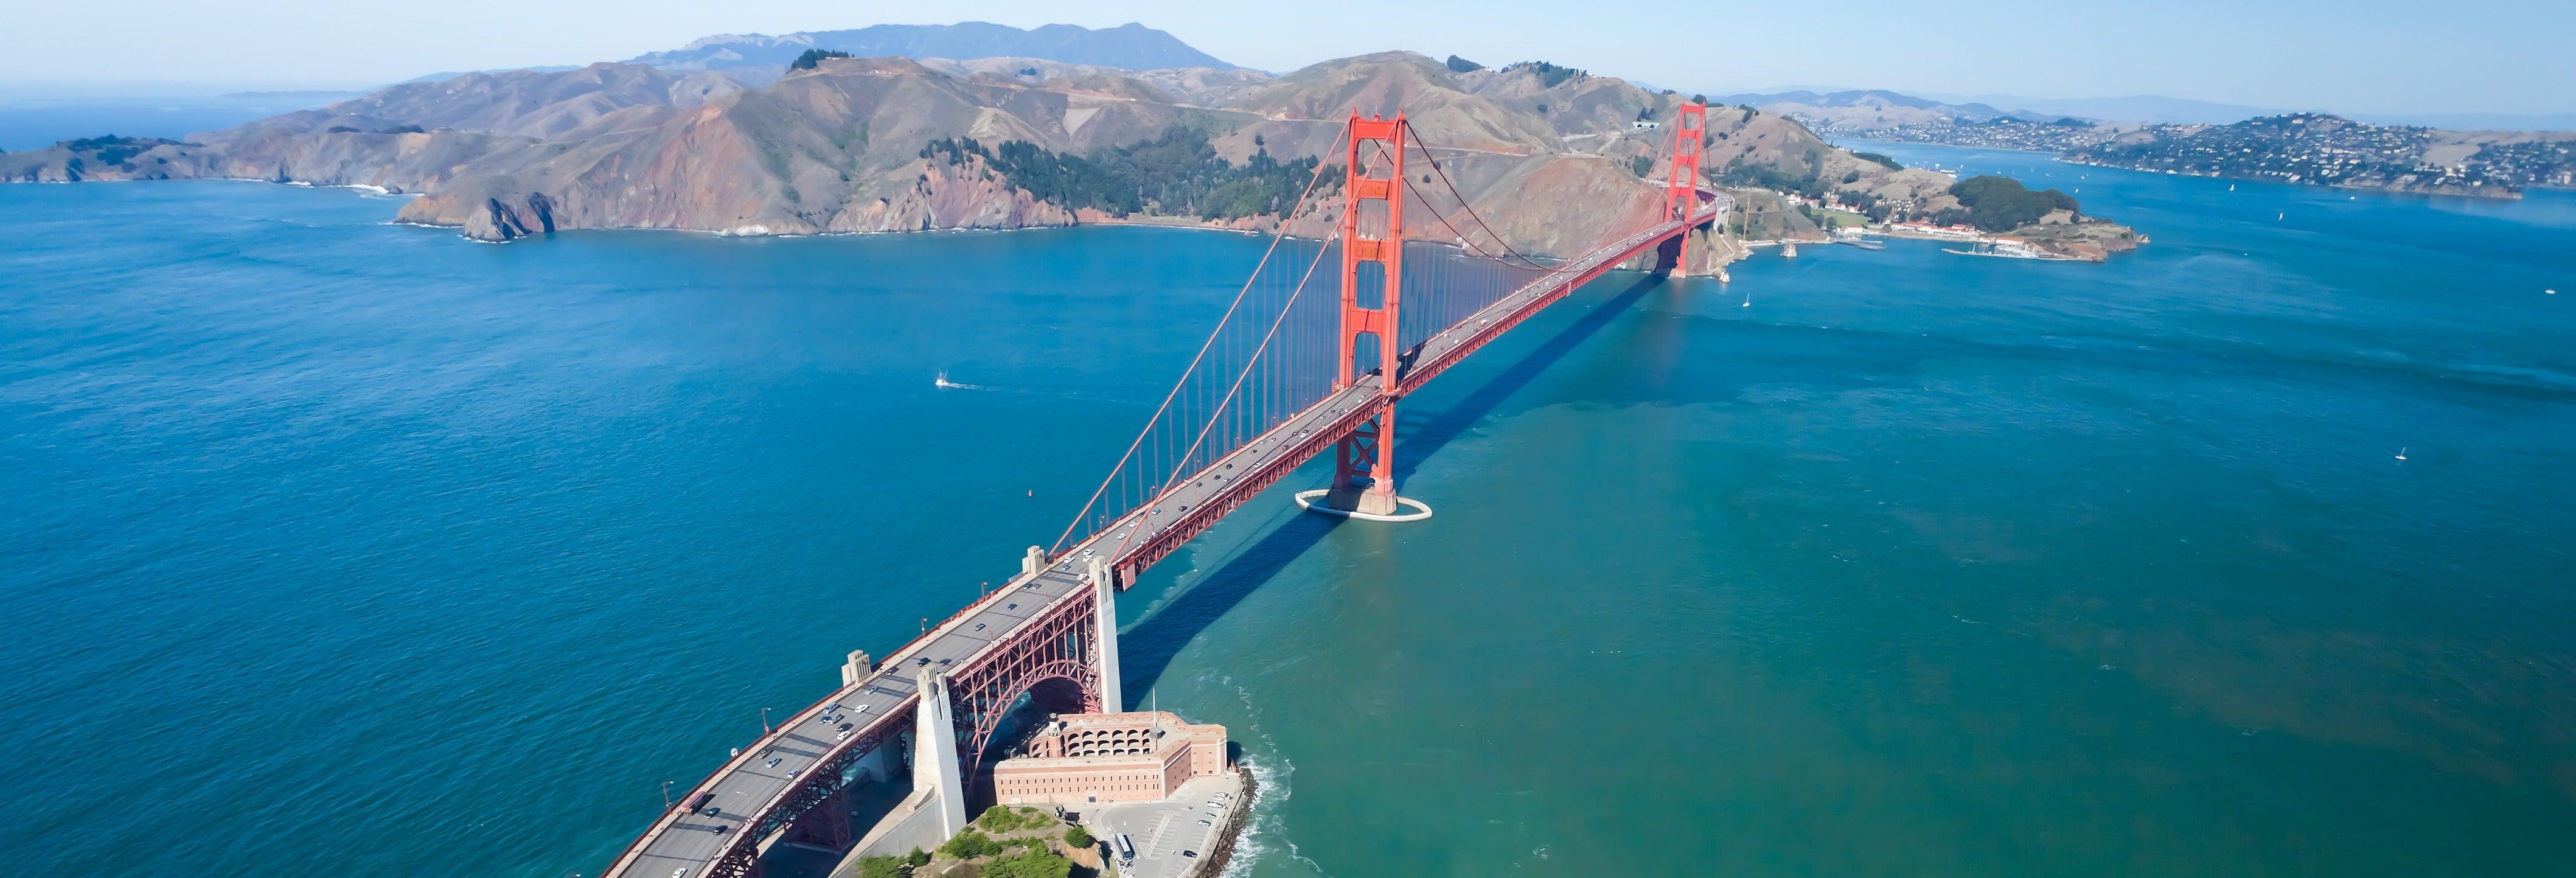 Passeio de hidroavião pela baía de São Francisco